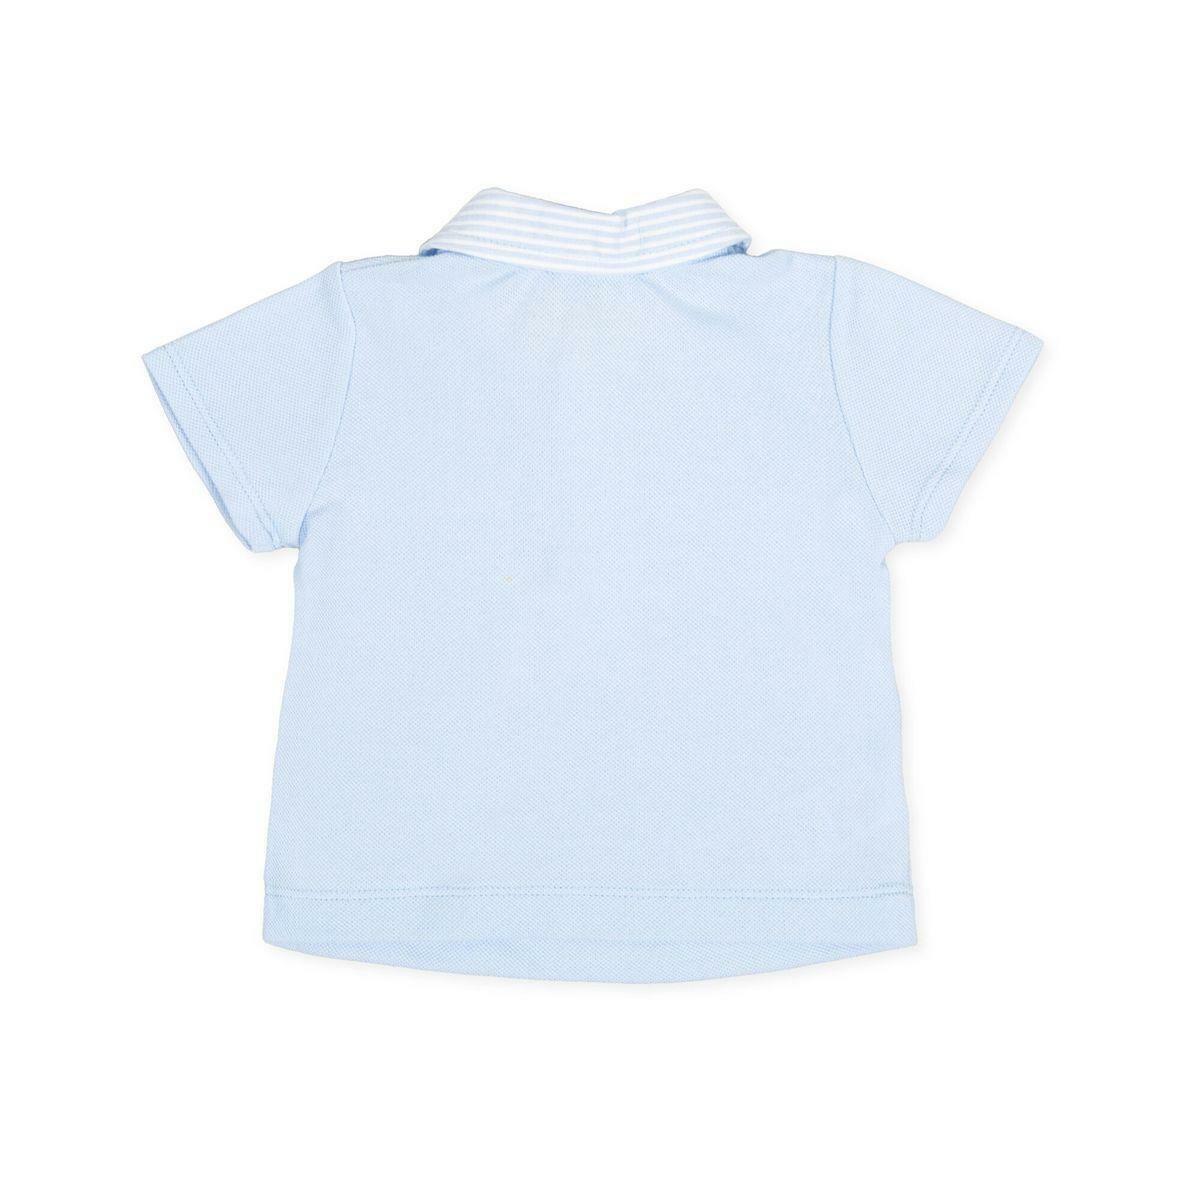 tutto piccolo tutto piccolo polo neonato azzurro 8812s20